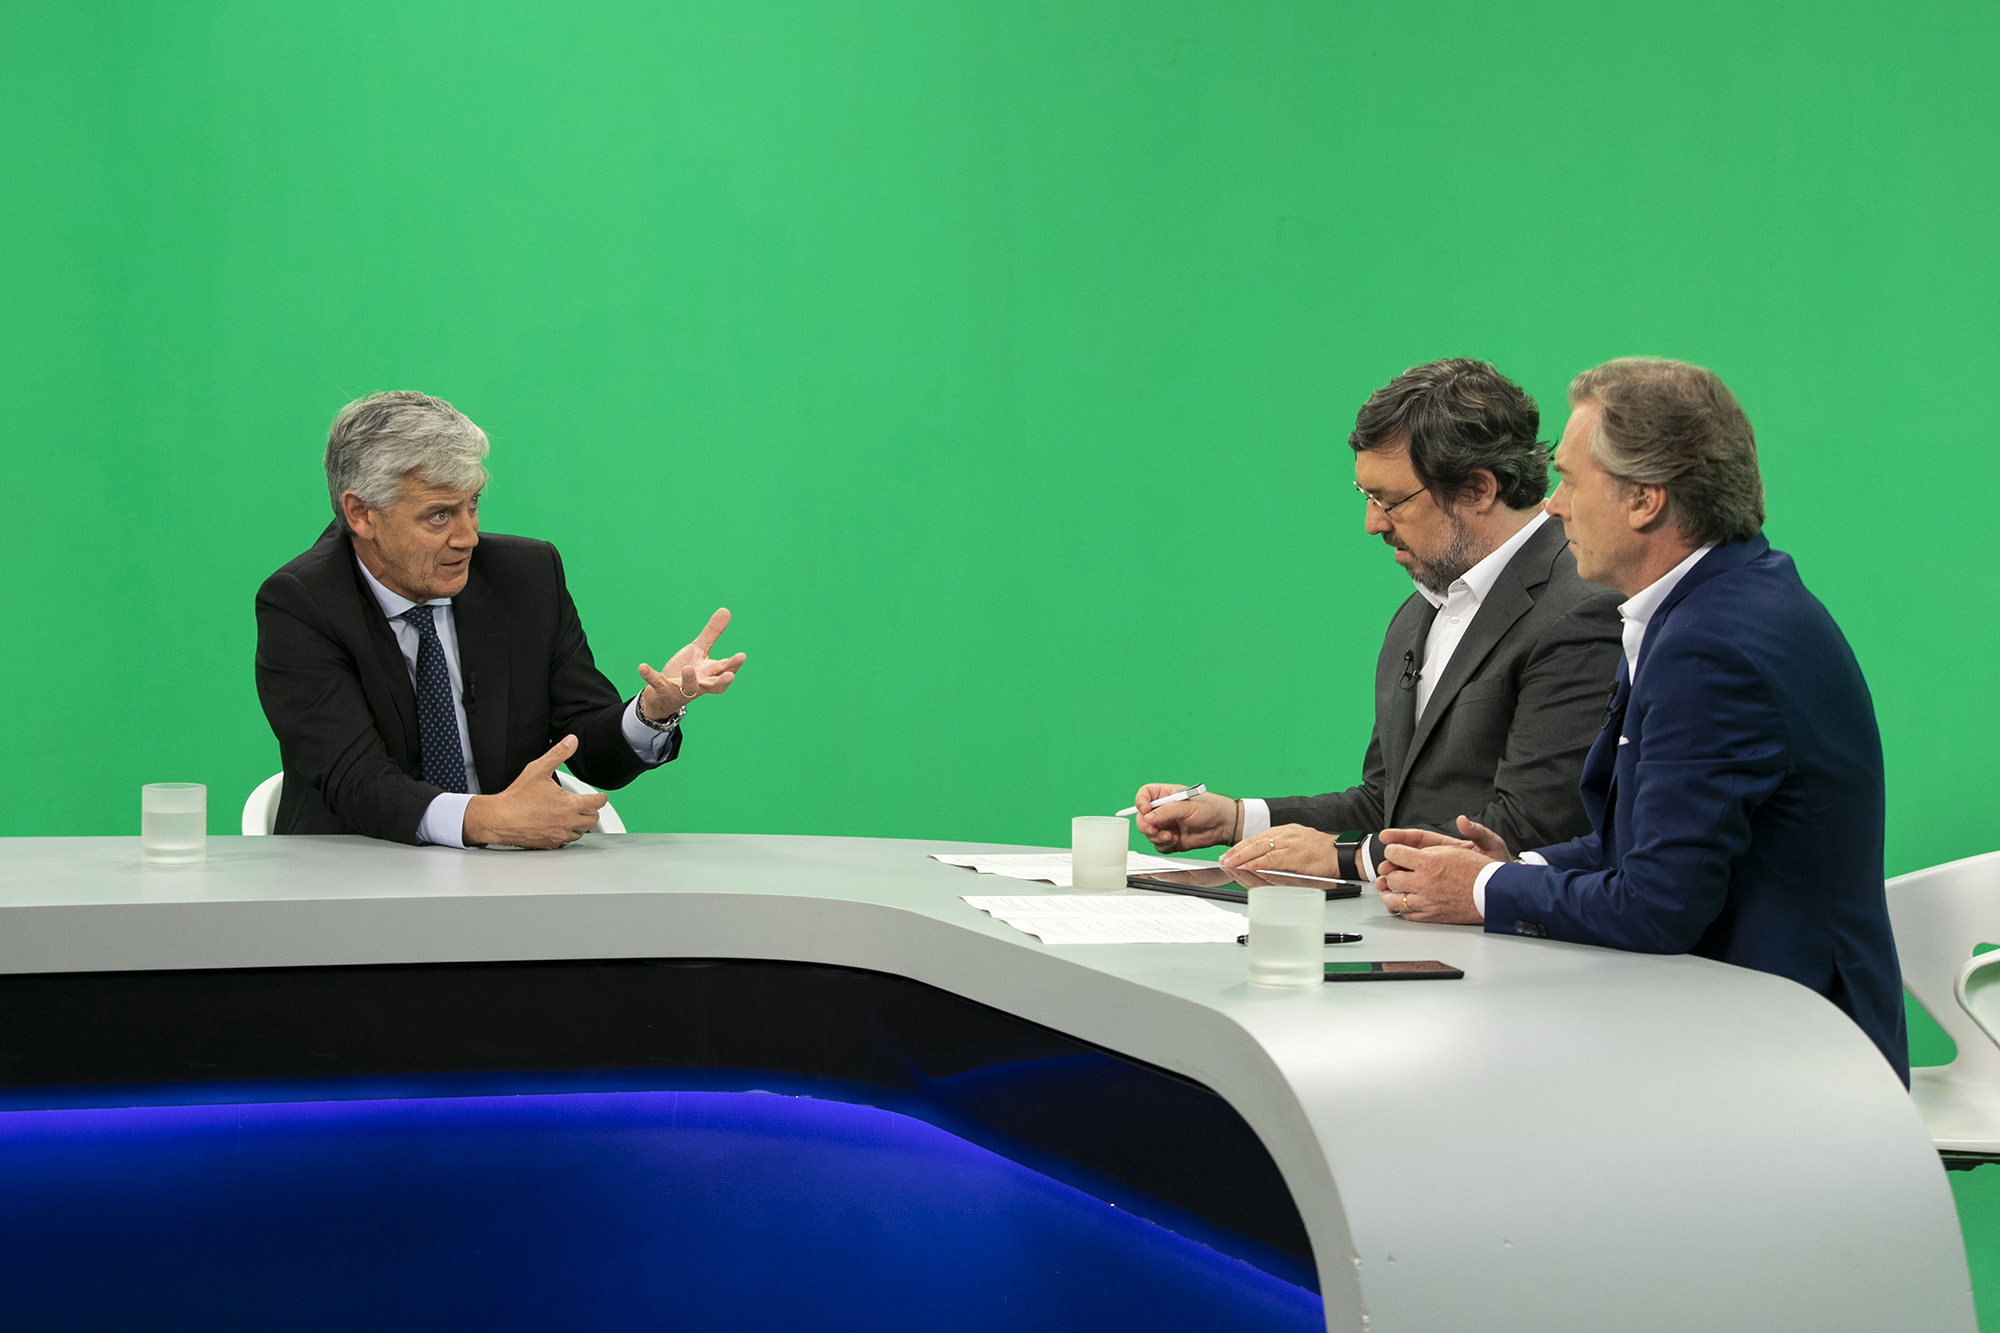 Domingos Soares Oliveira, CFO da Benfica SAD, em entrevista ao ECO24 - 23MAI19